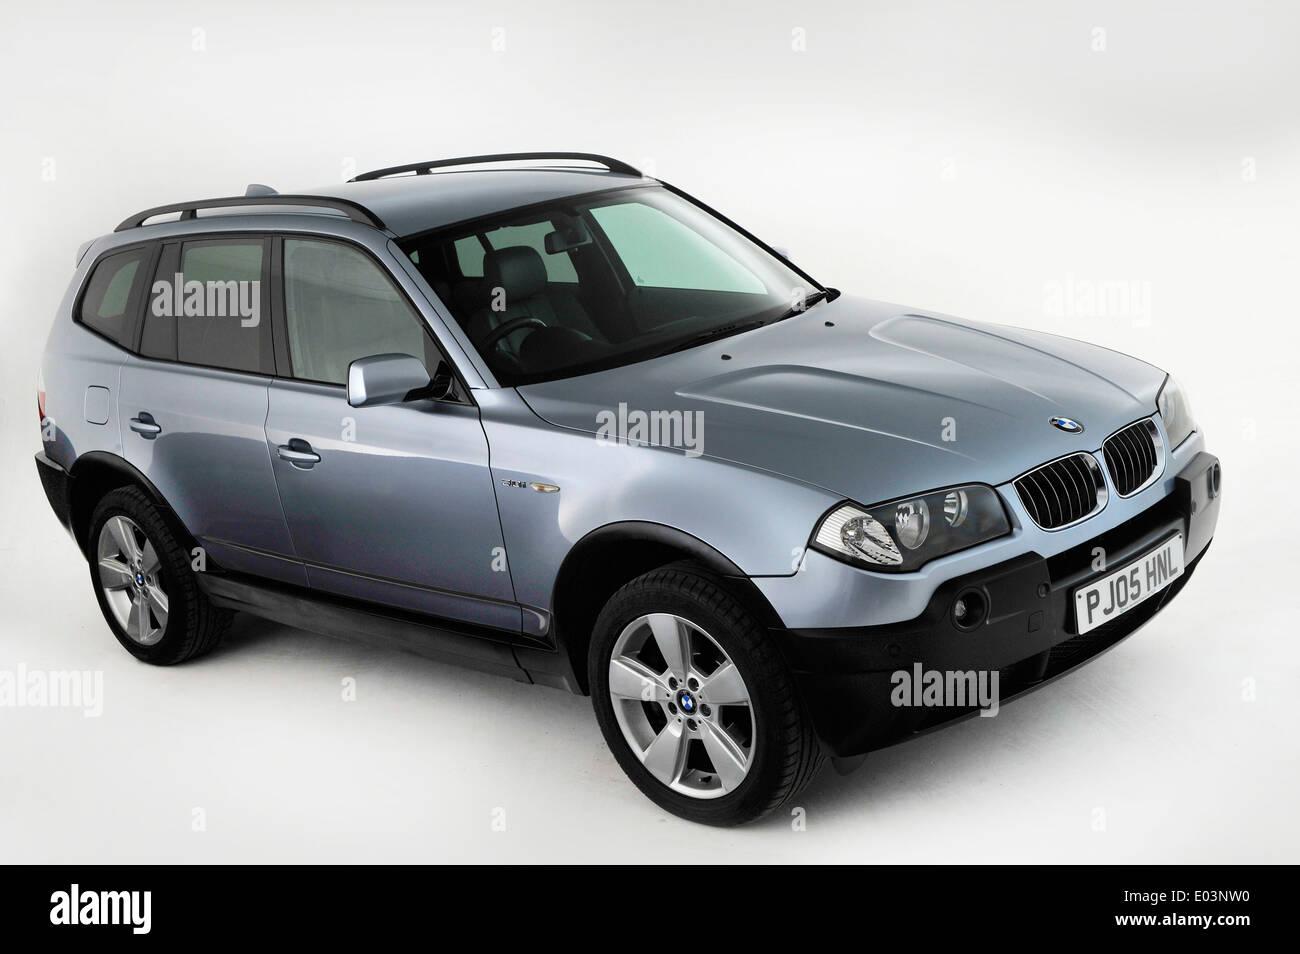 2005 BMW X3 Photo Stock